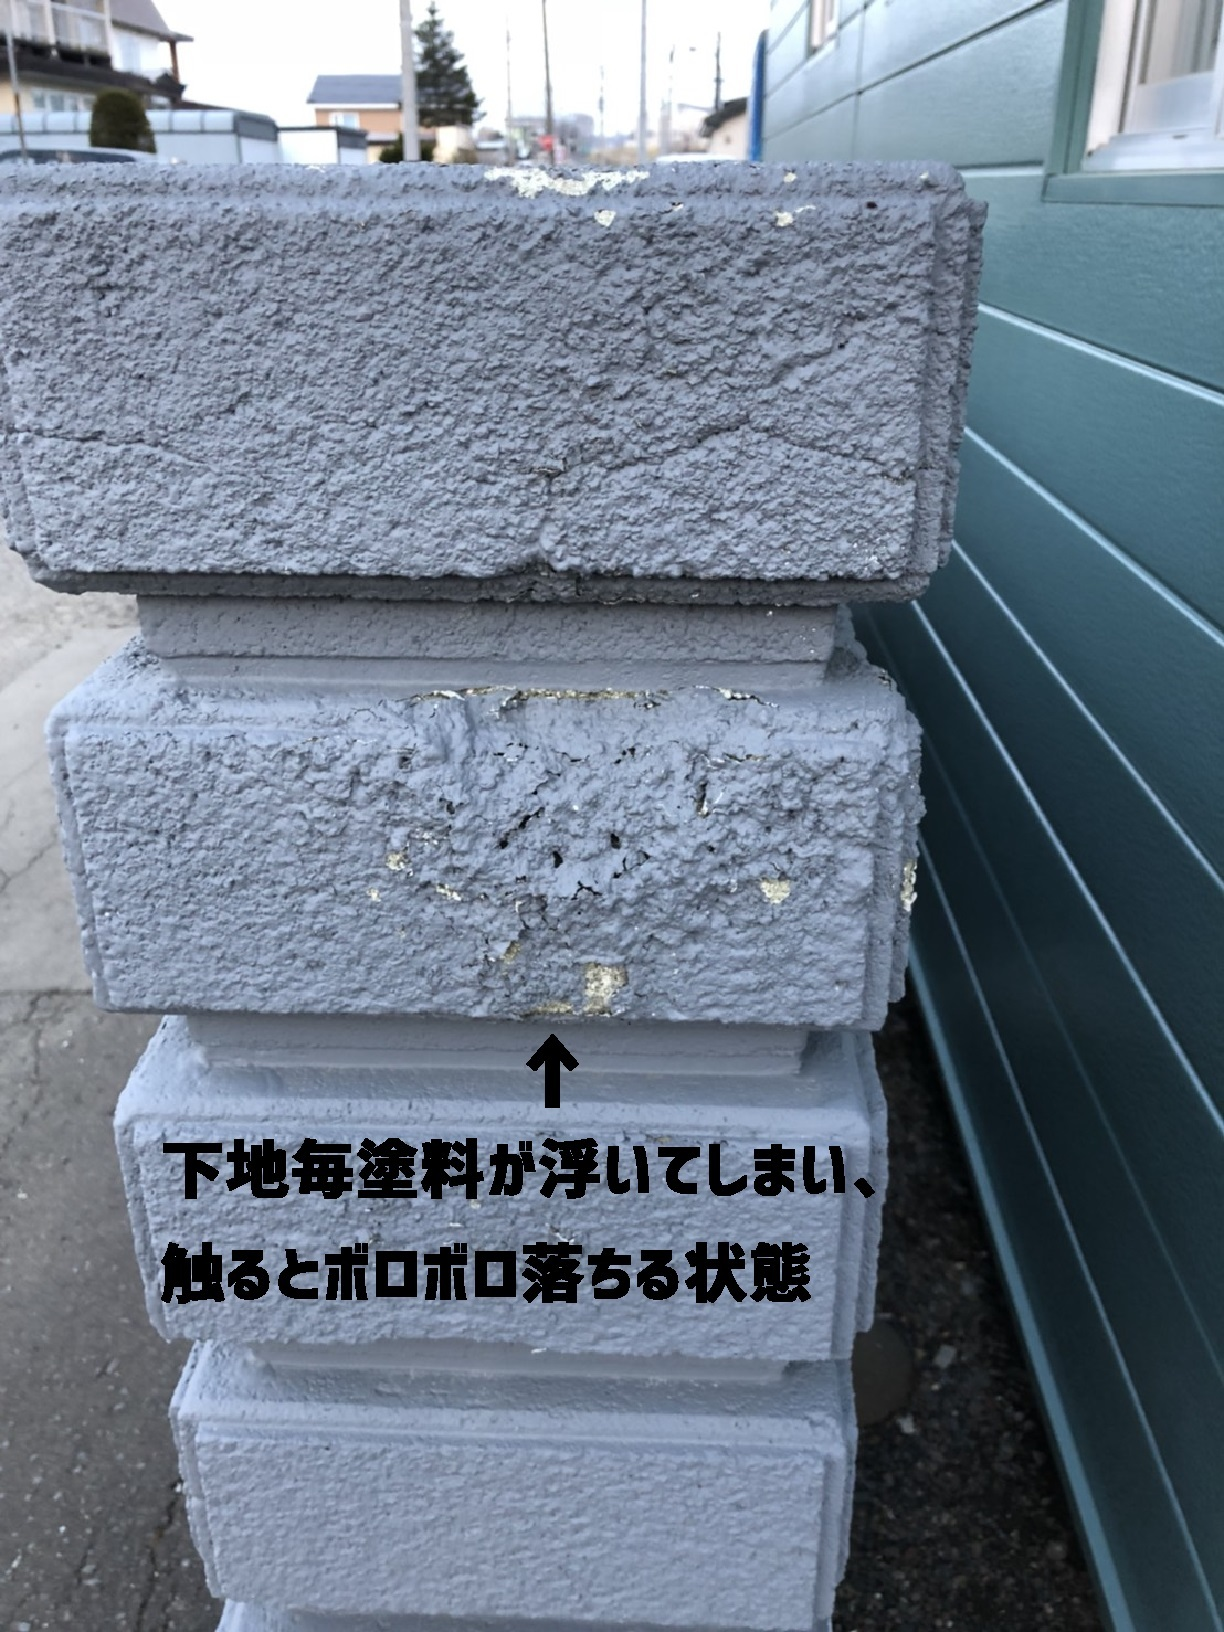 桜ケ岡M様宅 塀 現状2